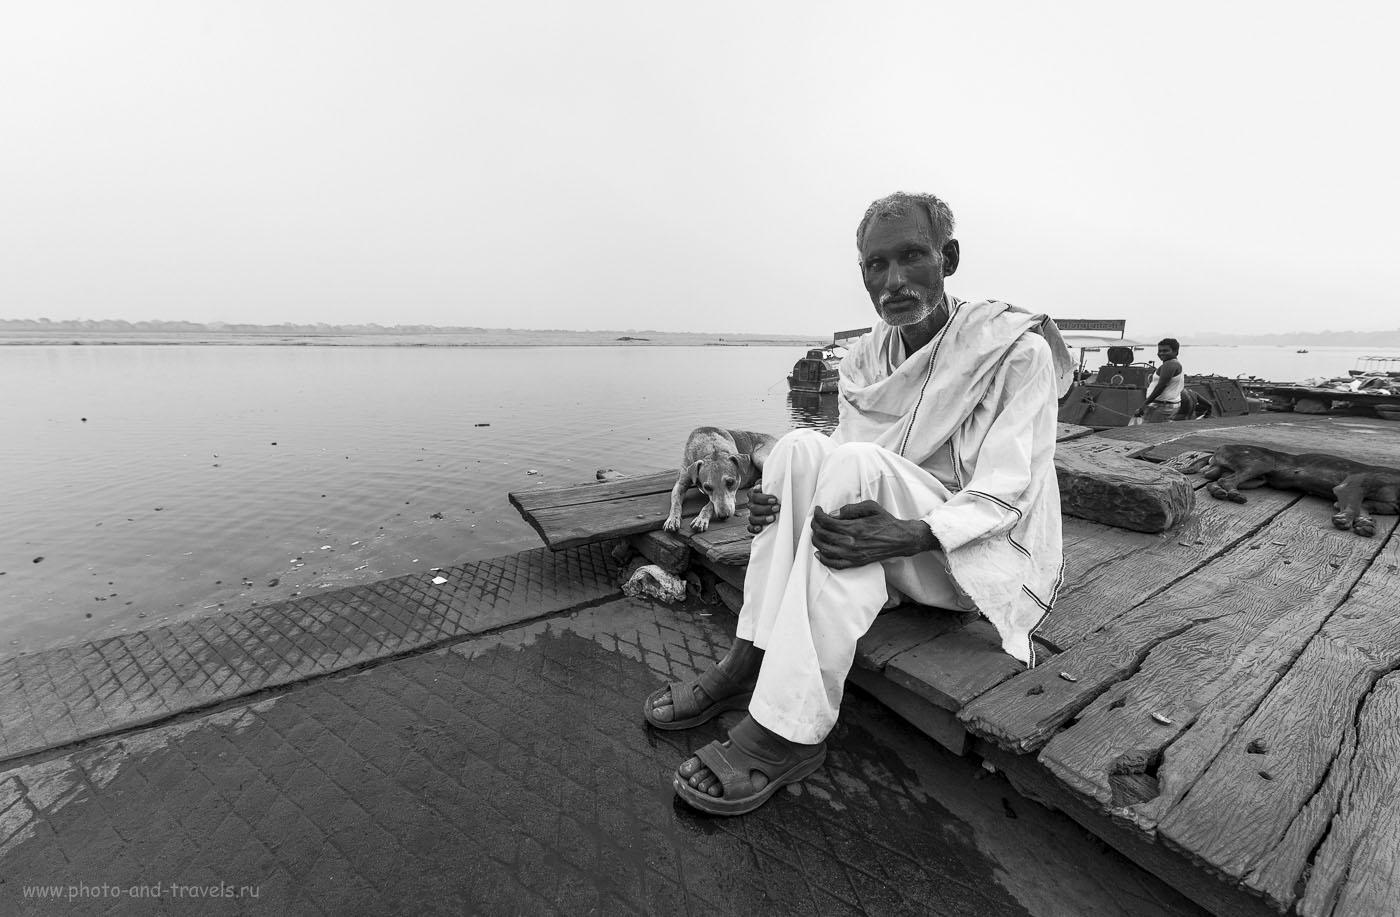 Фотография 1. Старик и его пёс на берегу священной Ганги в городе света Варанаси. Отчет о путешествии по Индии. Камера Nikon D610, объектив Samyang 14/2.8. Настройки, использованные при съемке: выдержка 1/80 секунды, экспокоррекция +1.0 EV, диафрагма f/8.0, светочувствительность 200, фокусное расстояние 14 мм.